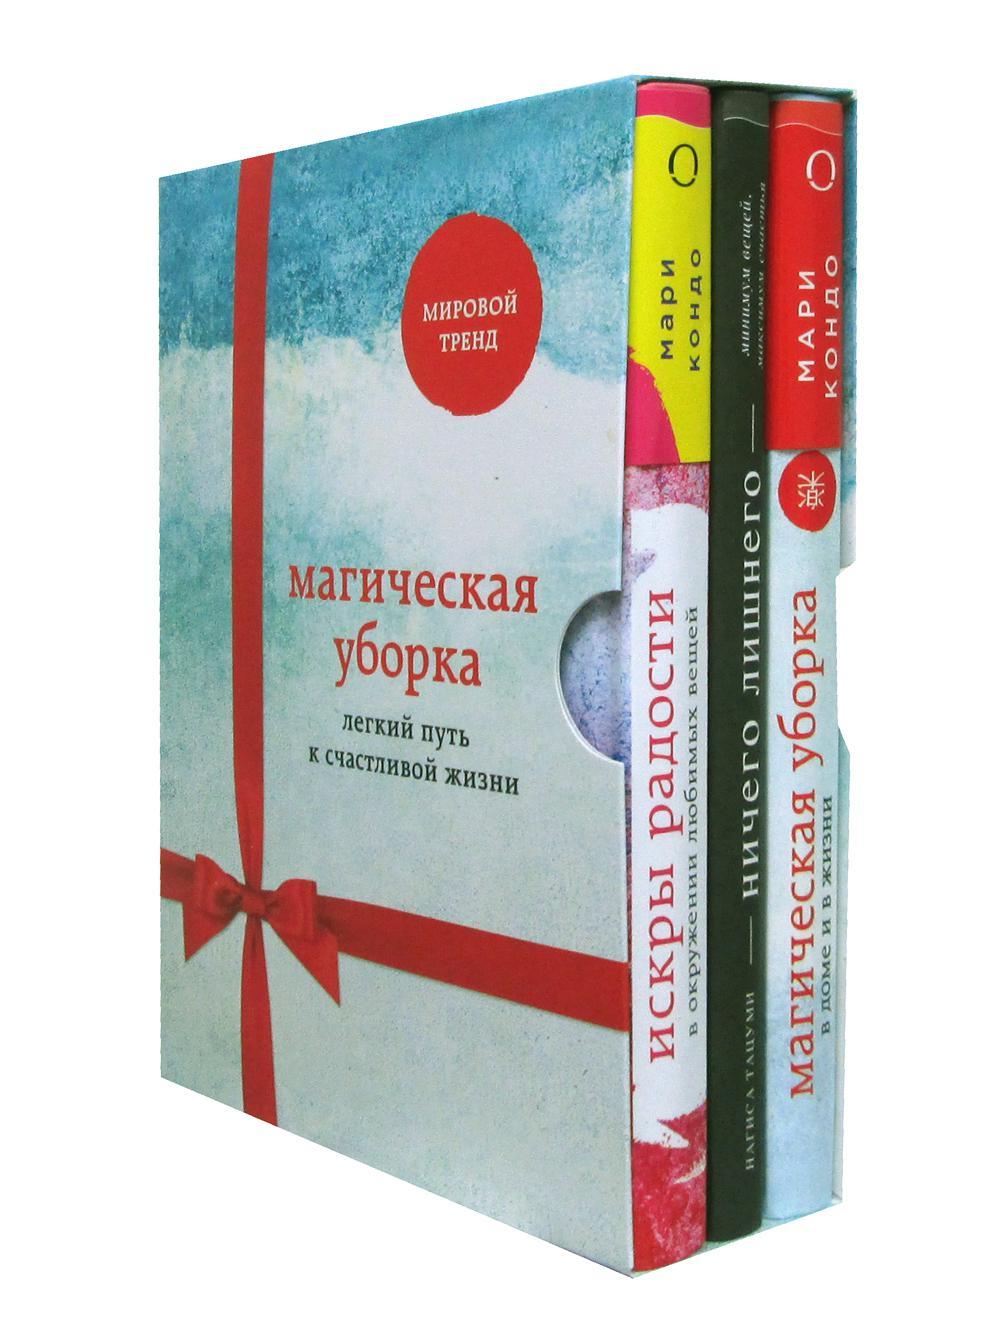 Магическая уборка. Легкий путь к счастливой жизни (новое оформление комплект из 3-х книг)